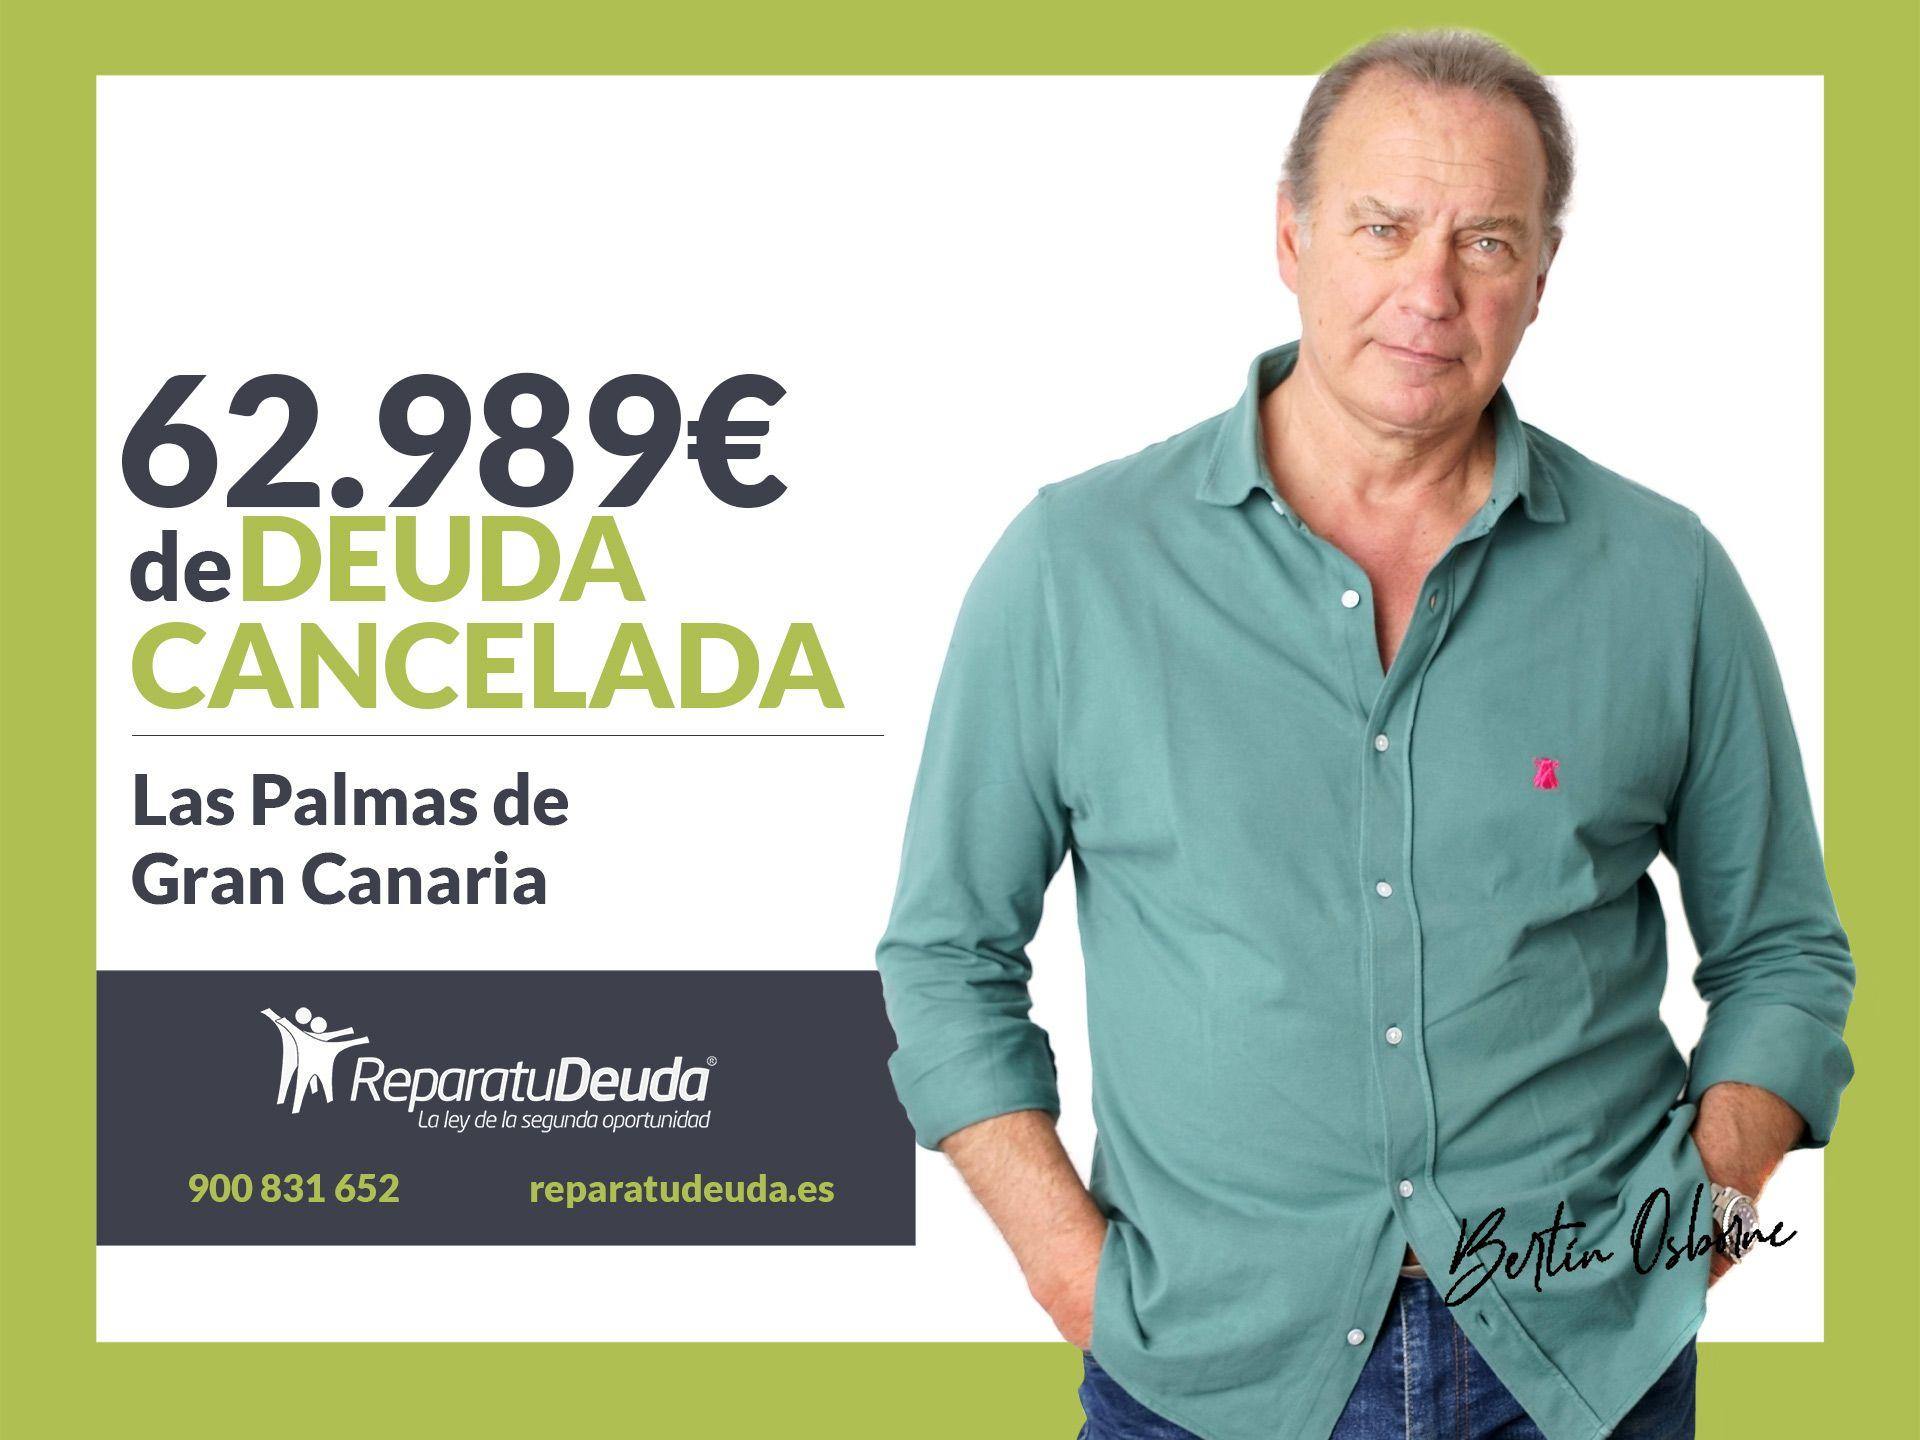 Repara tu Deuda Abogados cancela 62.989? en Las Palmas de Gran Canaria con la Ley de Segunda Oportunidad